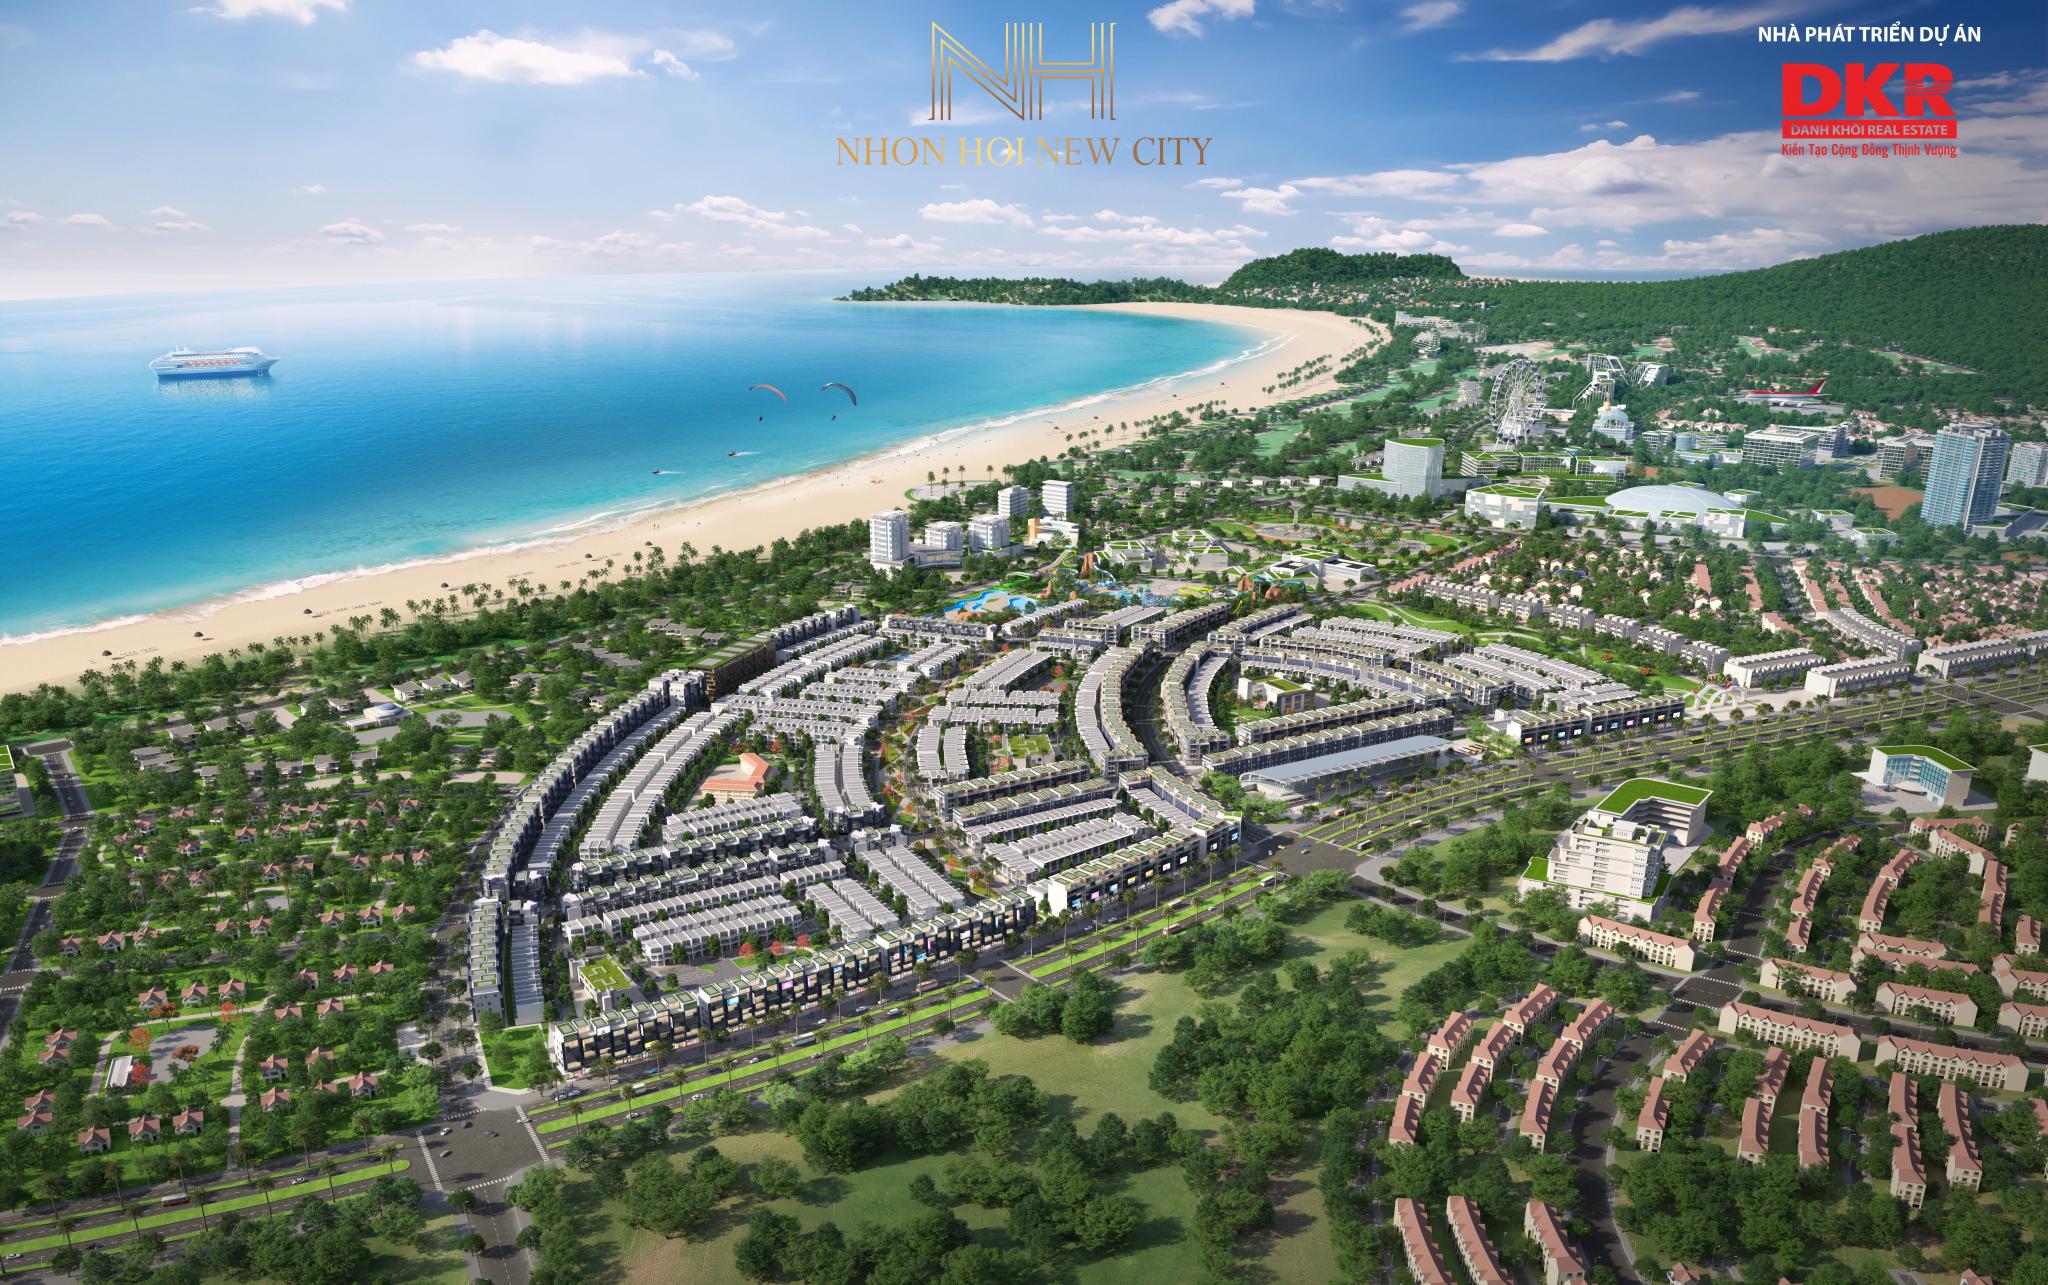 190821 Phối cảnh tổng thể dự án nhìn từ đất liền - DỰ ÁN ĐẤT NỀN NHƠN HỘI NEW CITY QUY NHƠN, TỈNH BÌNH ĐỊNH